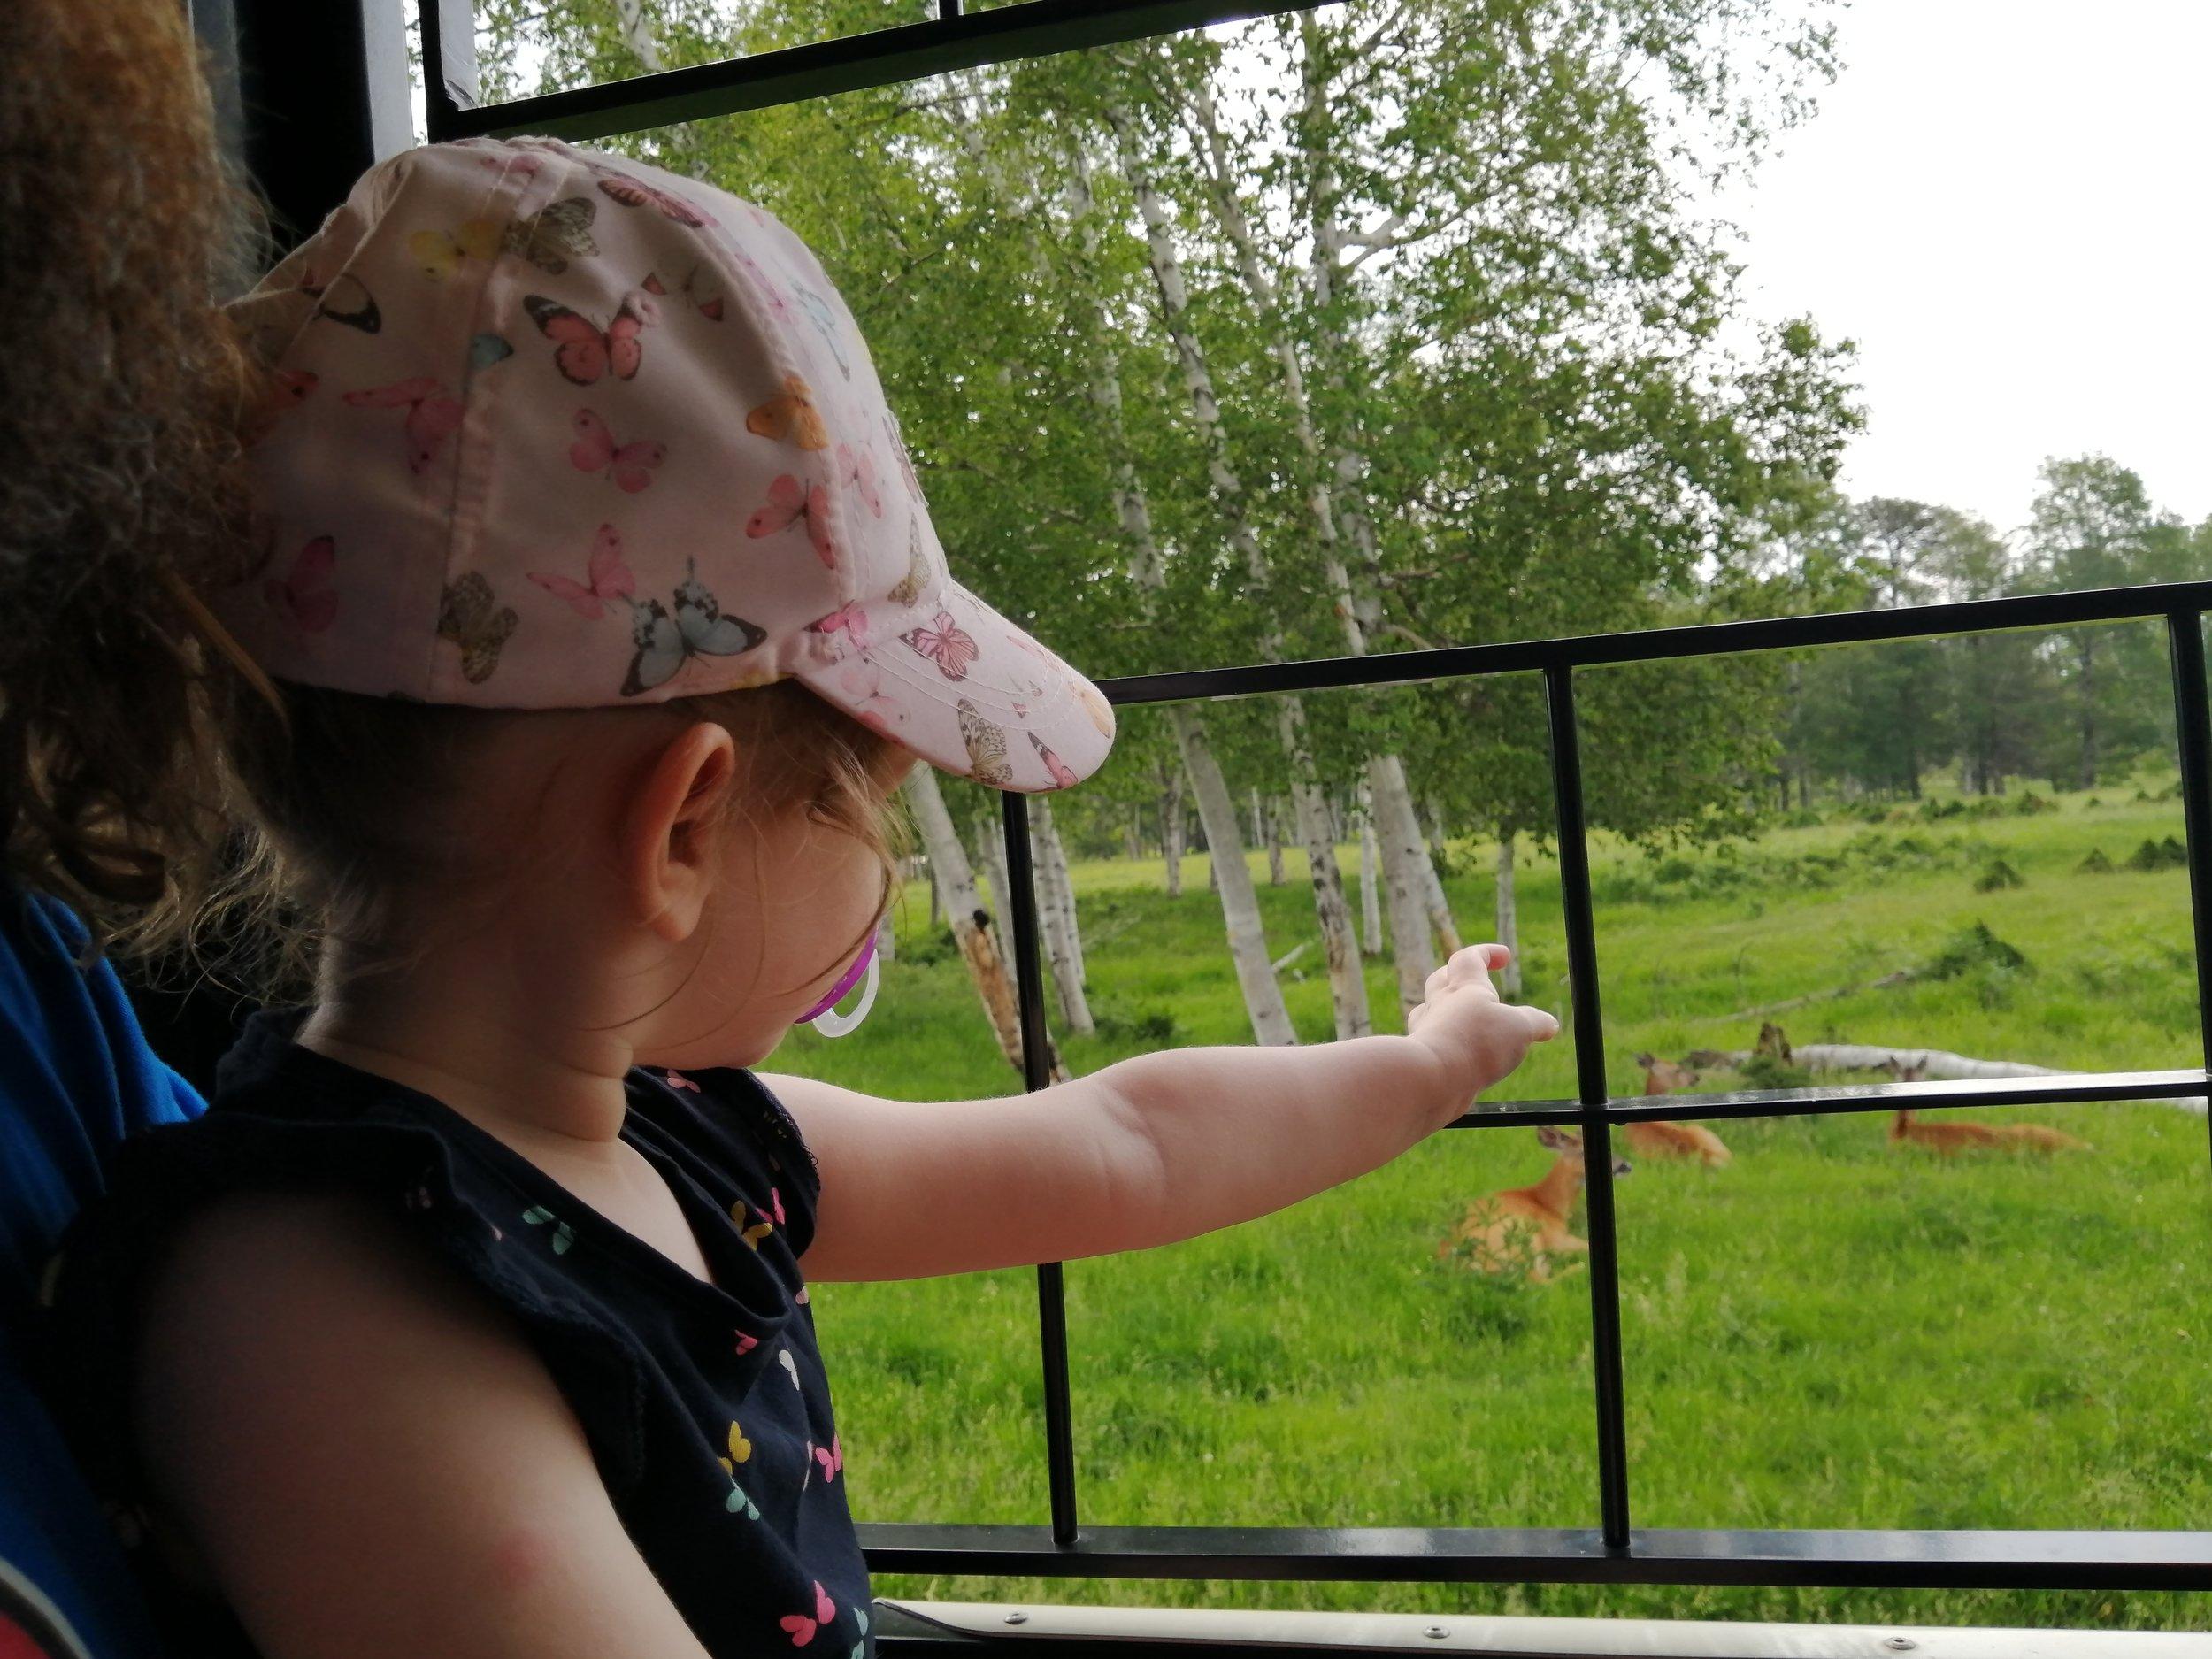 voyage-famille-lac-saint-jean-zoo-st-félicien-sauvage-balade-train-visite-à-voir-activité-attraction-coup-de-coeur